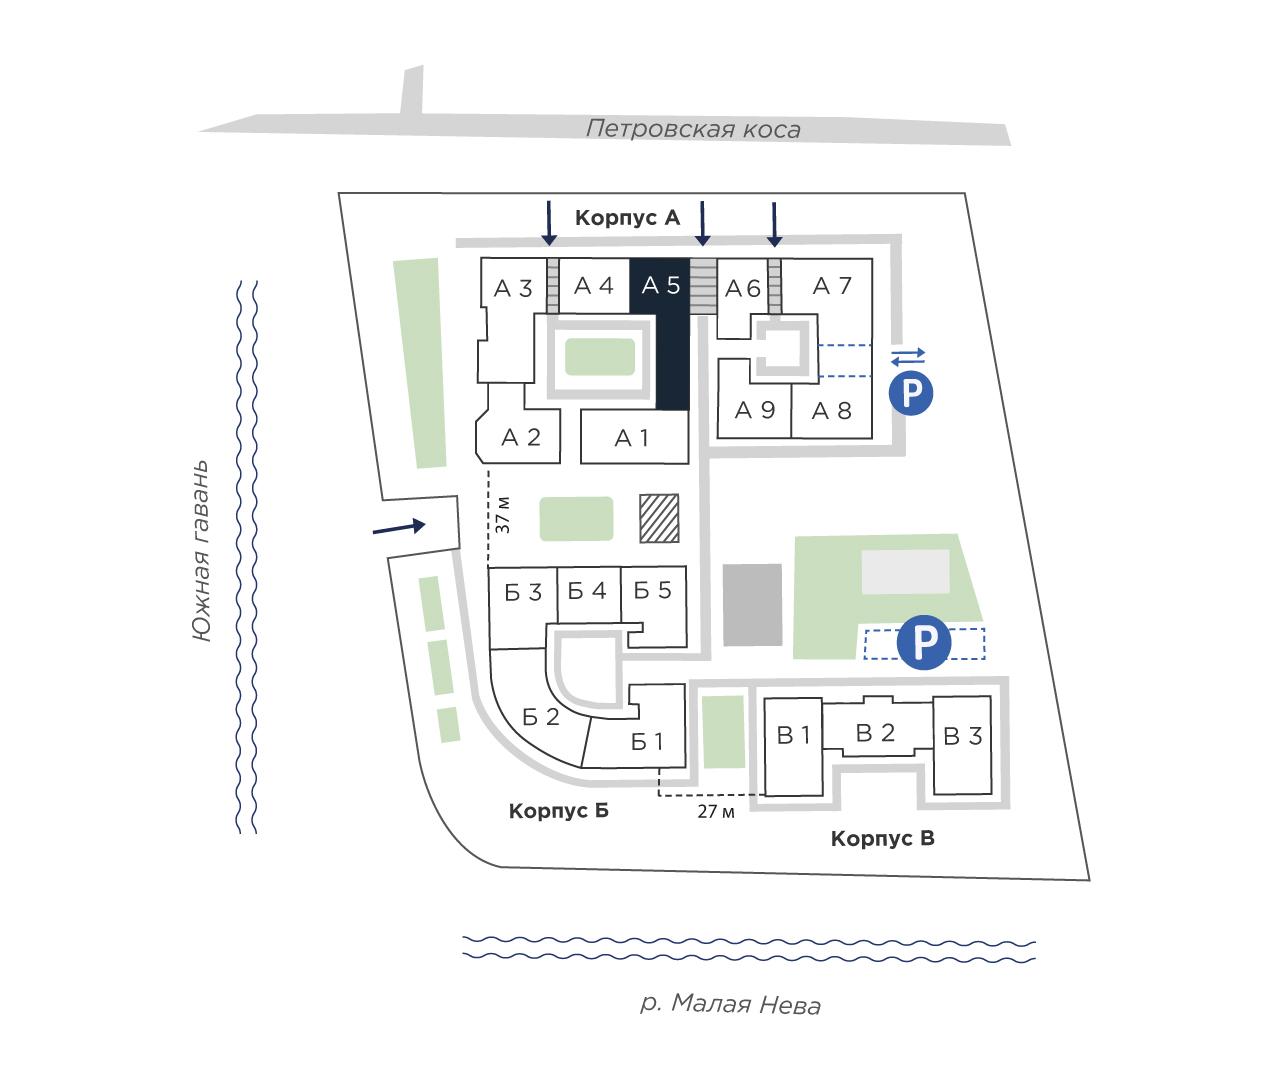 планировка четырехкомнатной квартиры в ЖК «Петровская Доминанта» №113